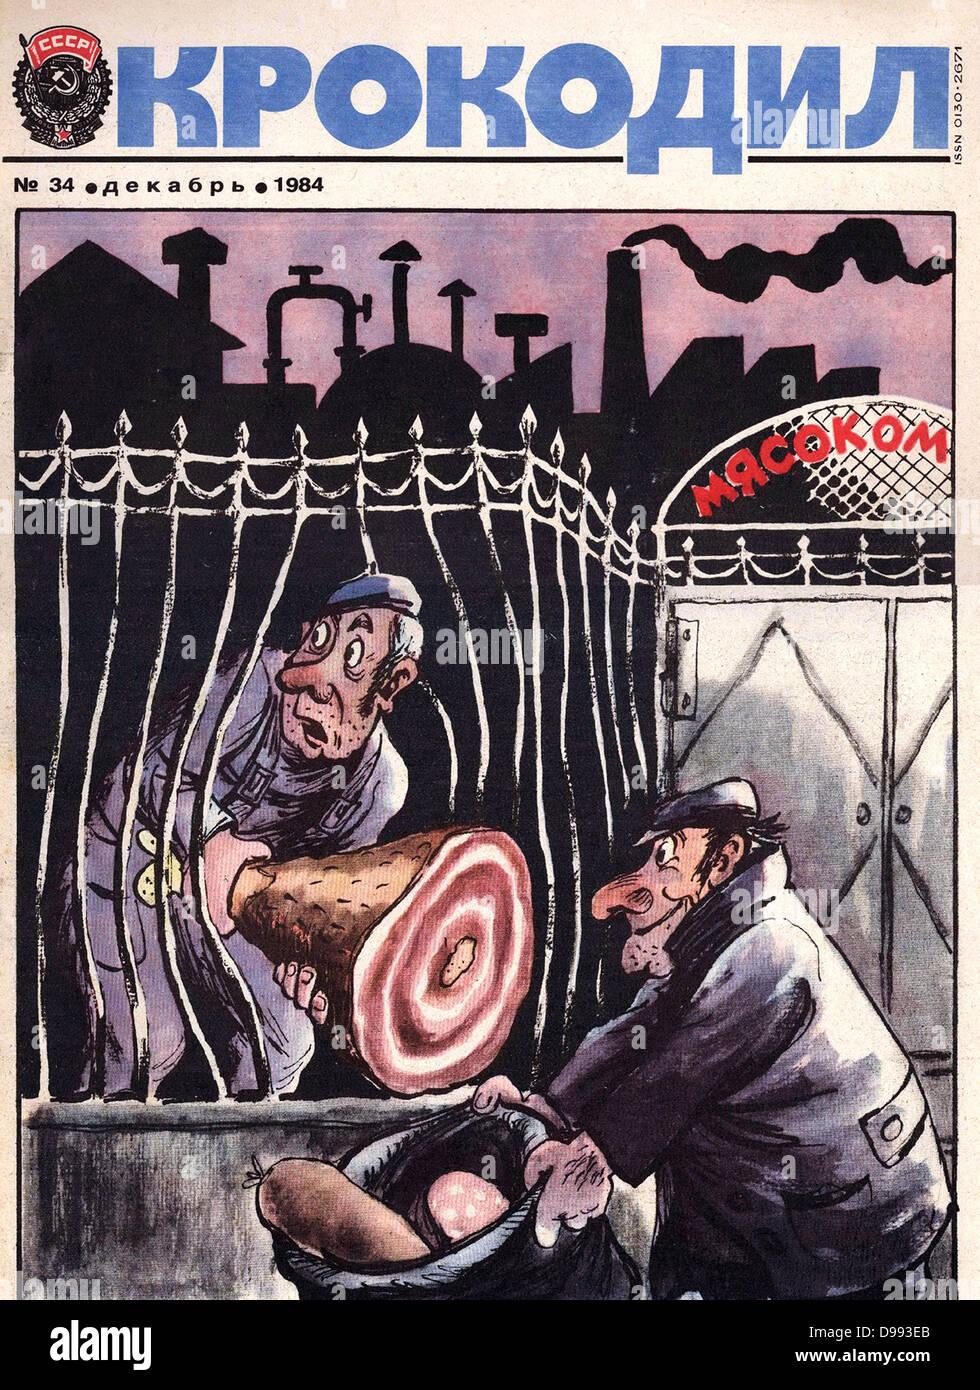 Cartoon ruso soviético de la Era de la Guerra Fría. 1980 Imagen De Stock